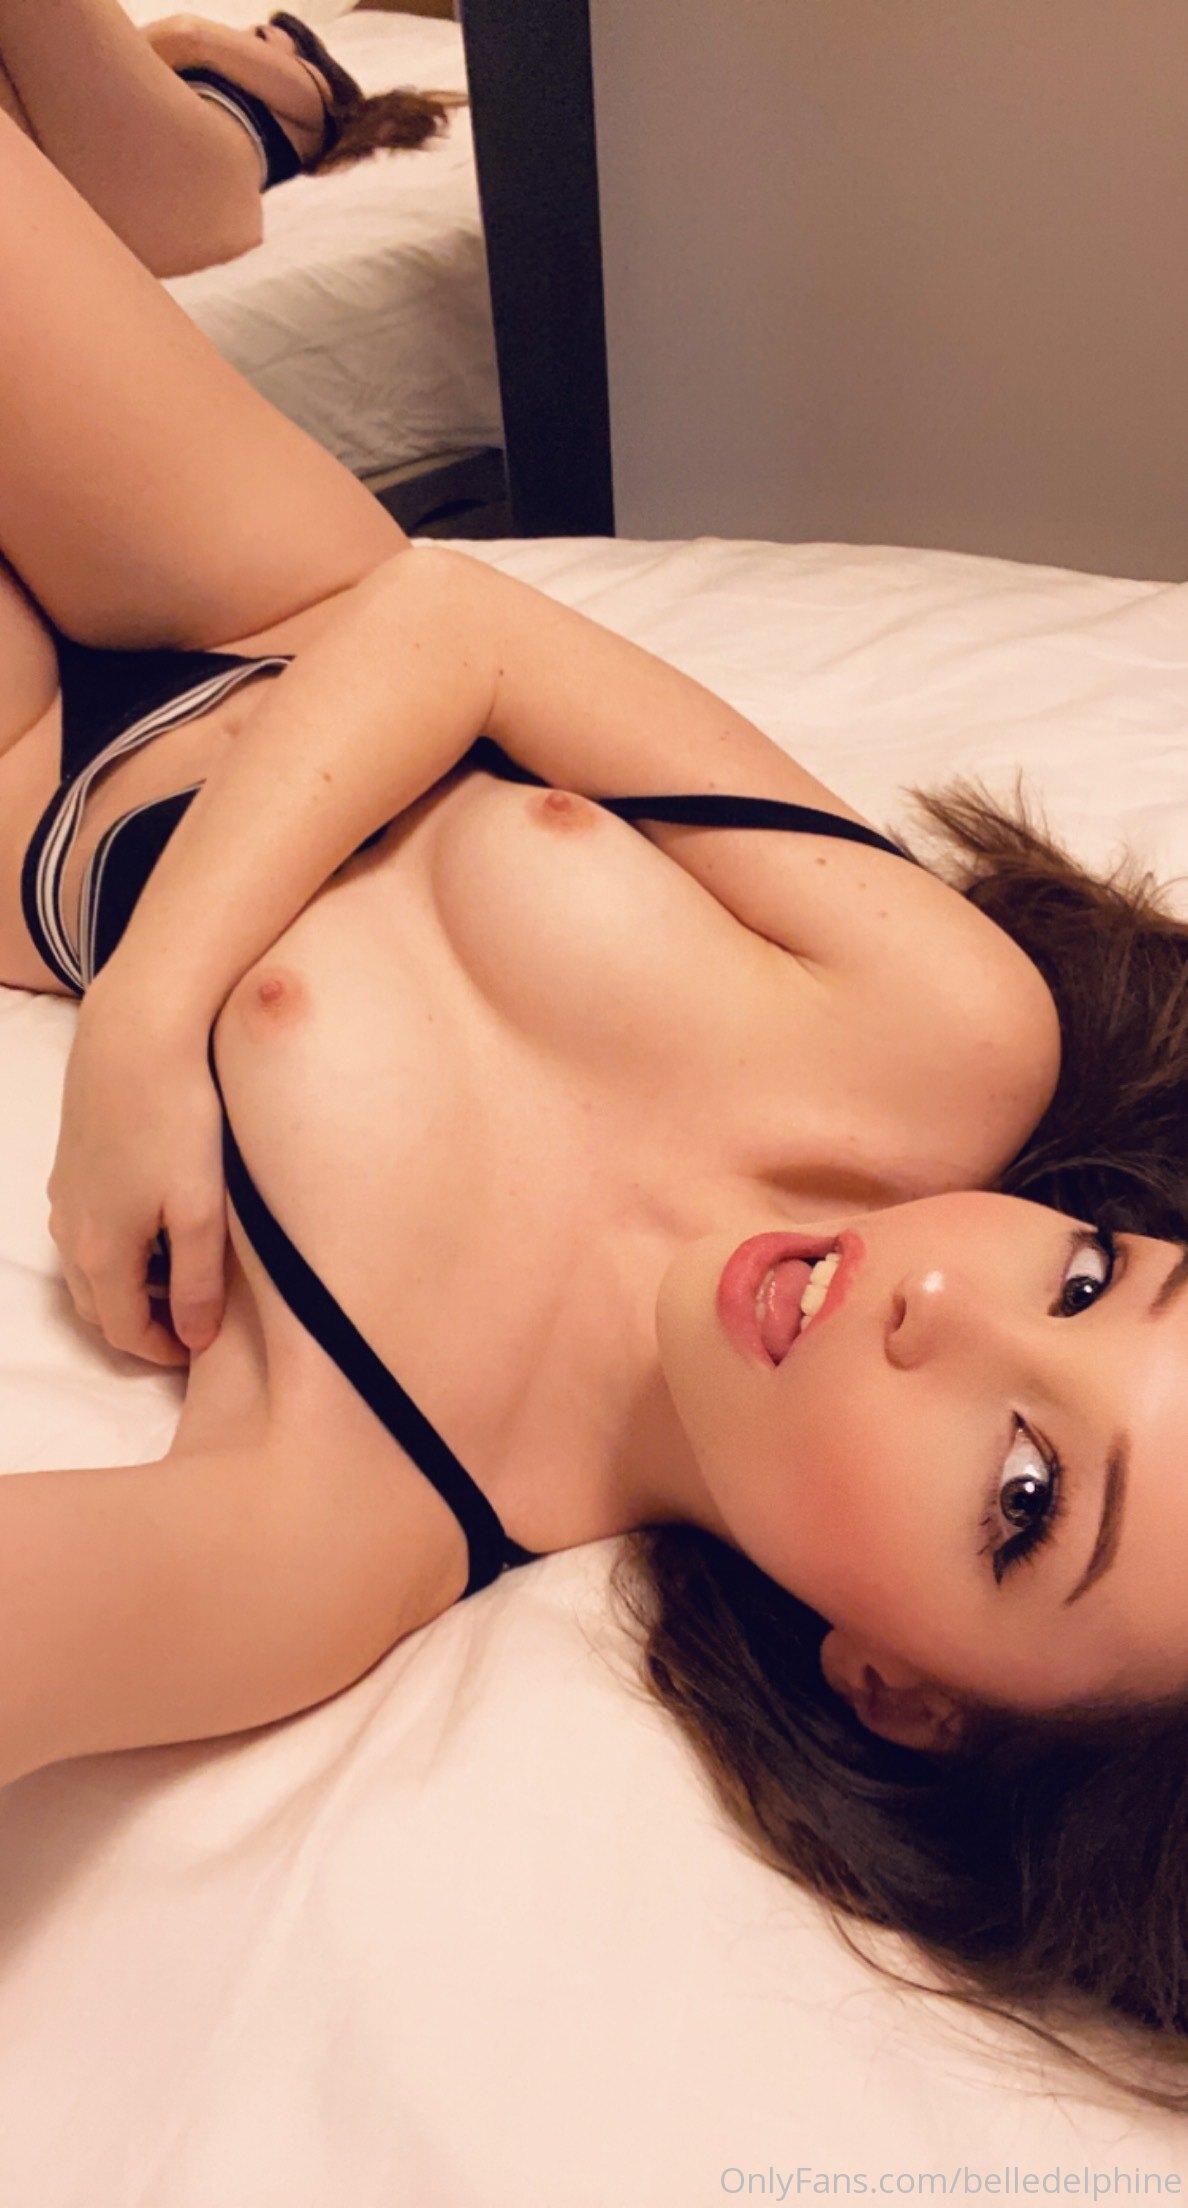 Belle Delphine Naked In Bed Onlyfans Set Leaked 0021